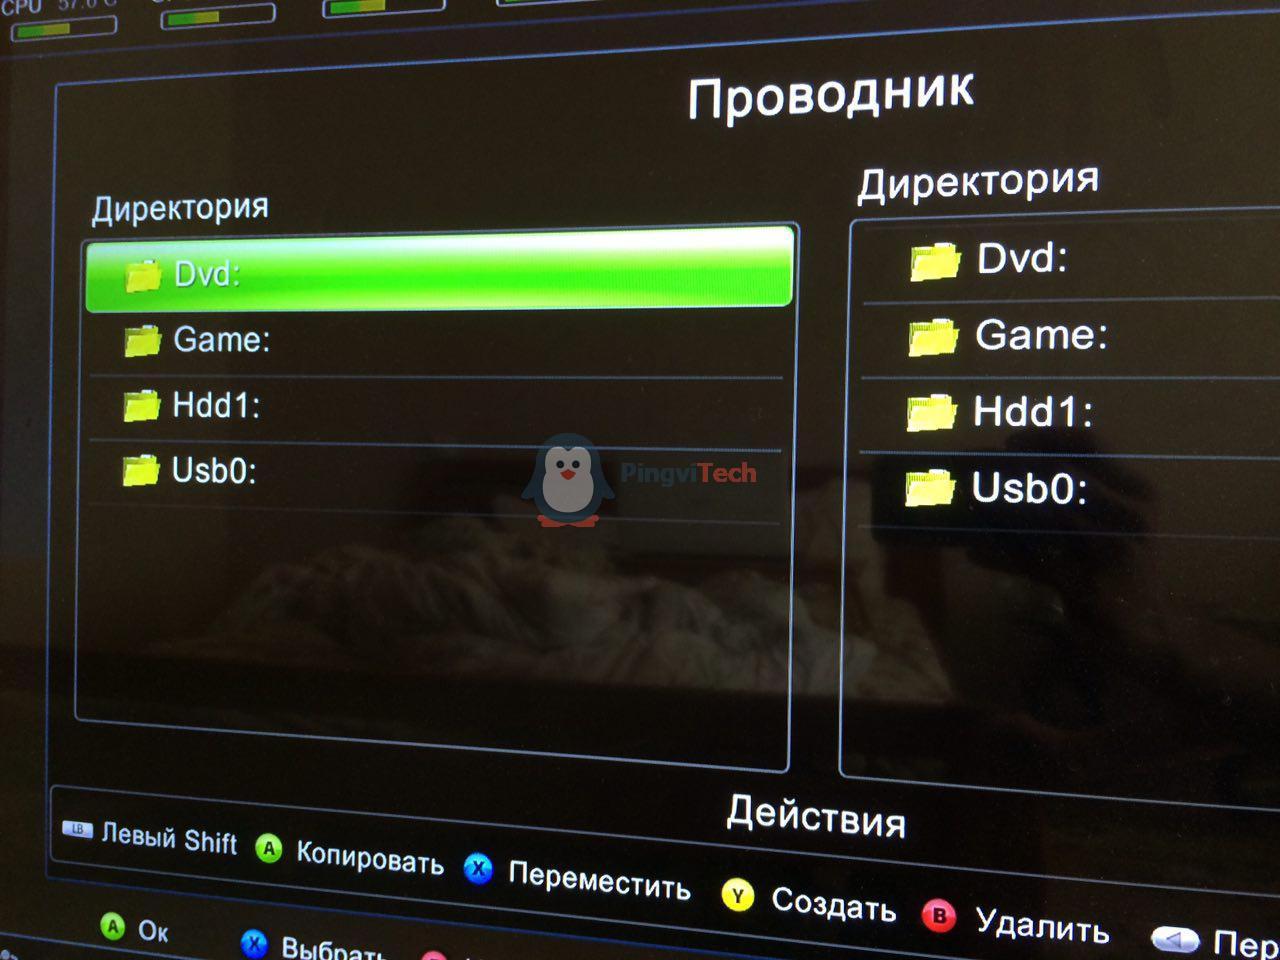 На какой диск лучше устанавливать игры?